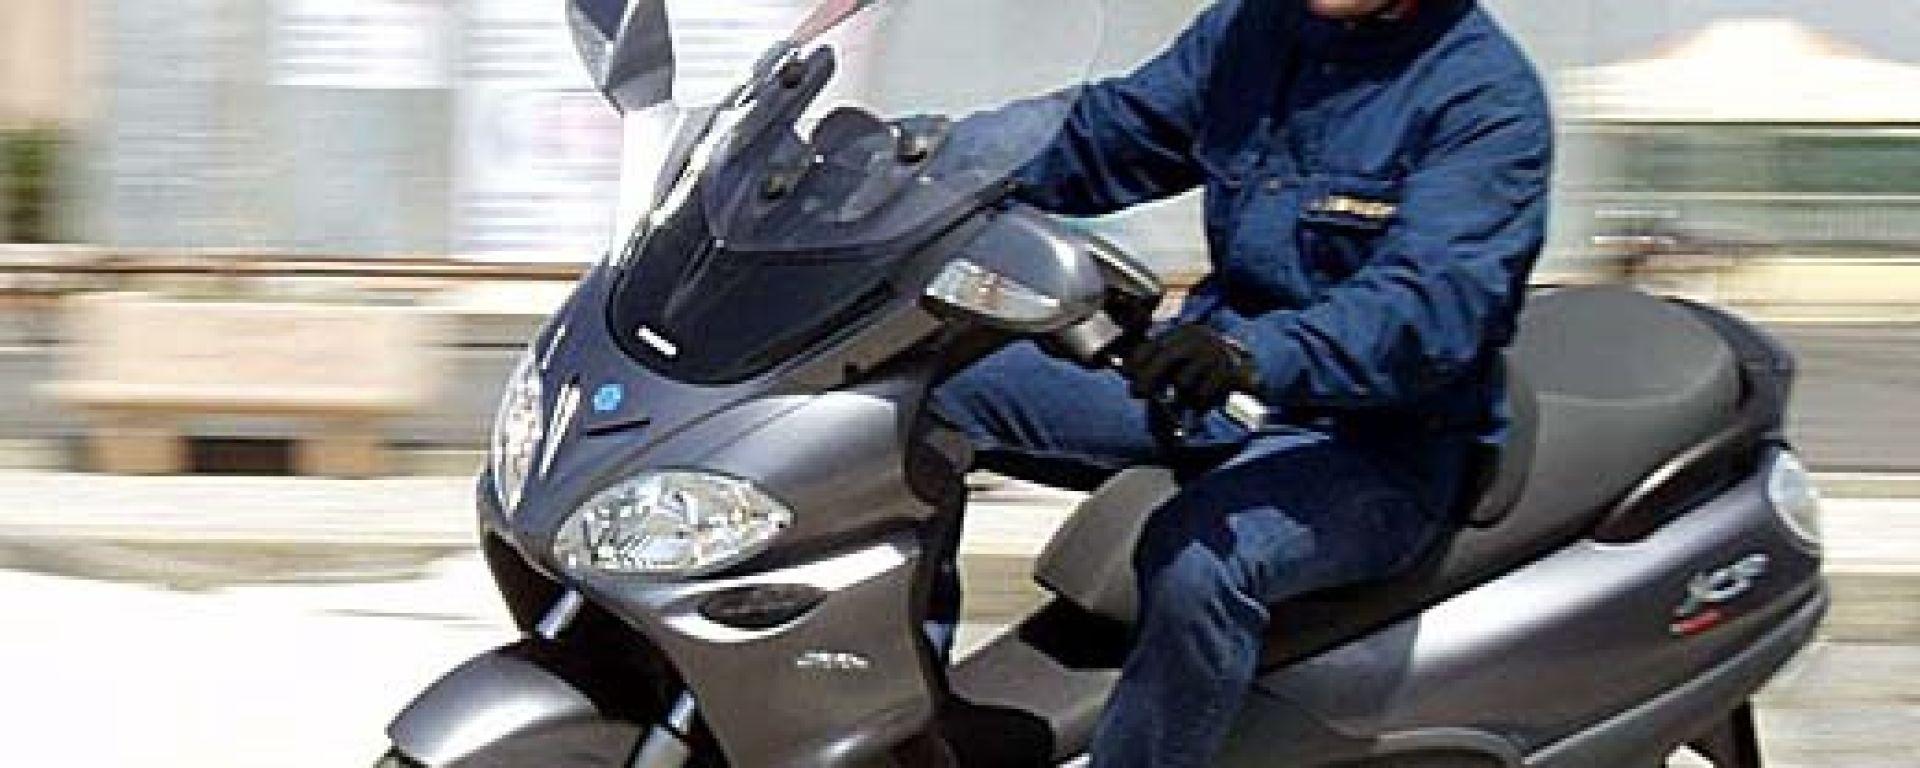 Schema Elettrico X9 250 : Piaggio problemi u tutto su idee di immagine del motociclo